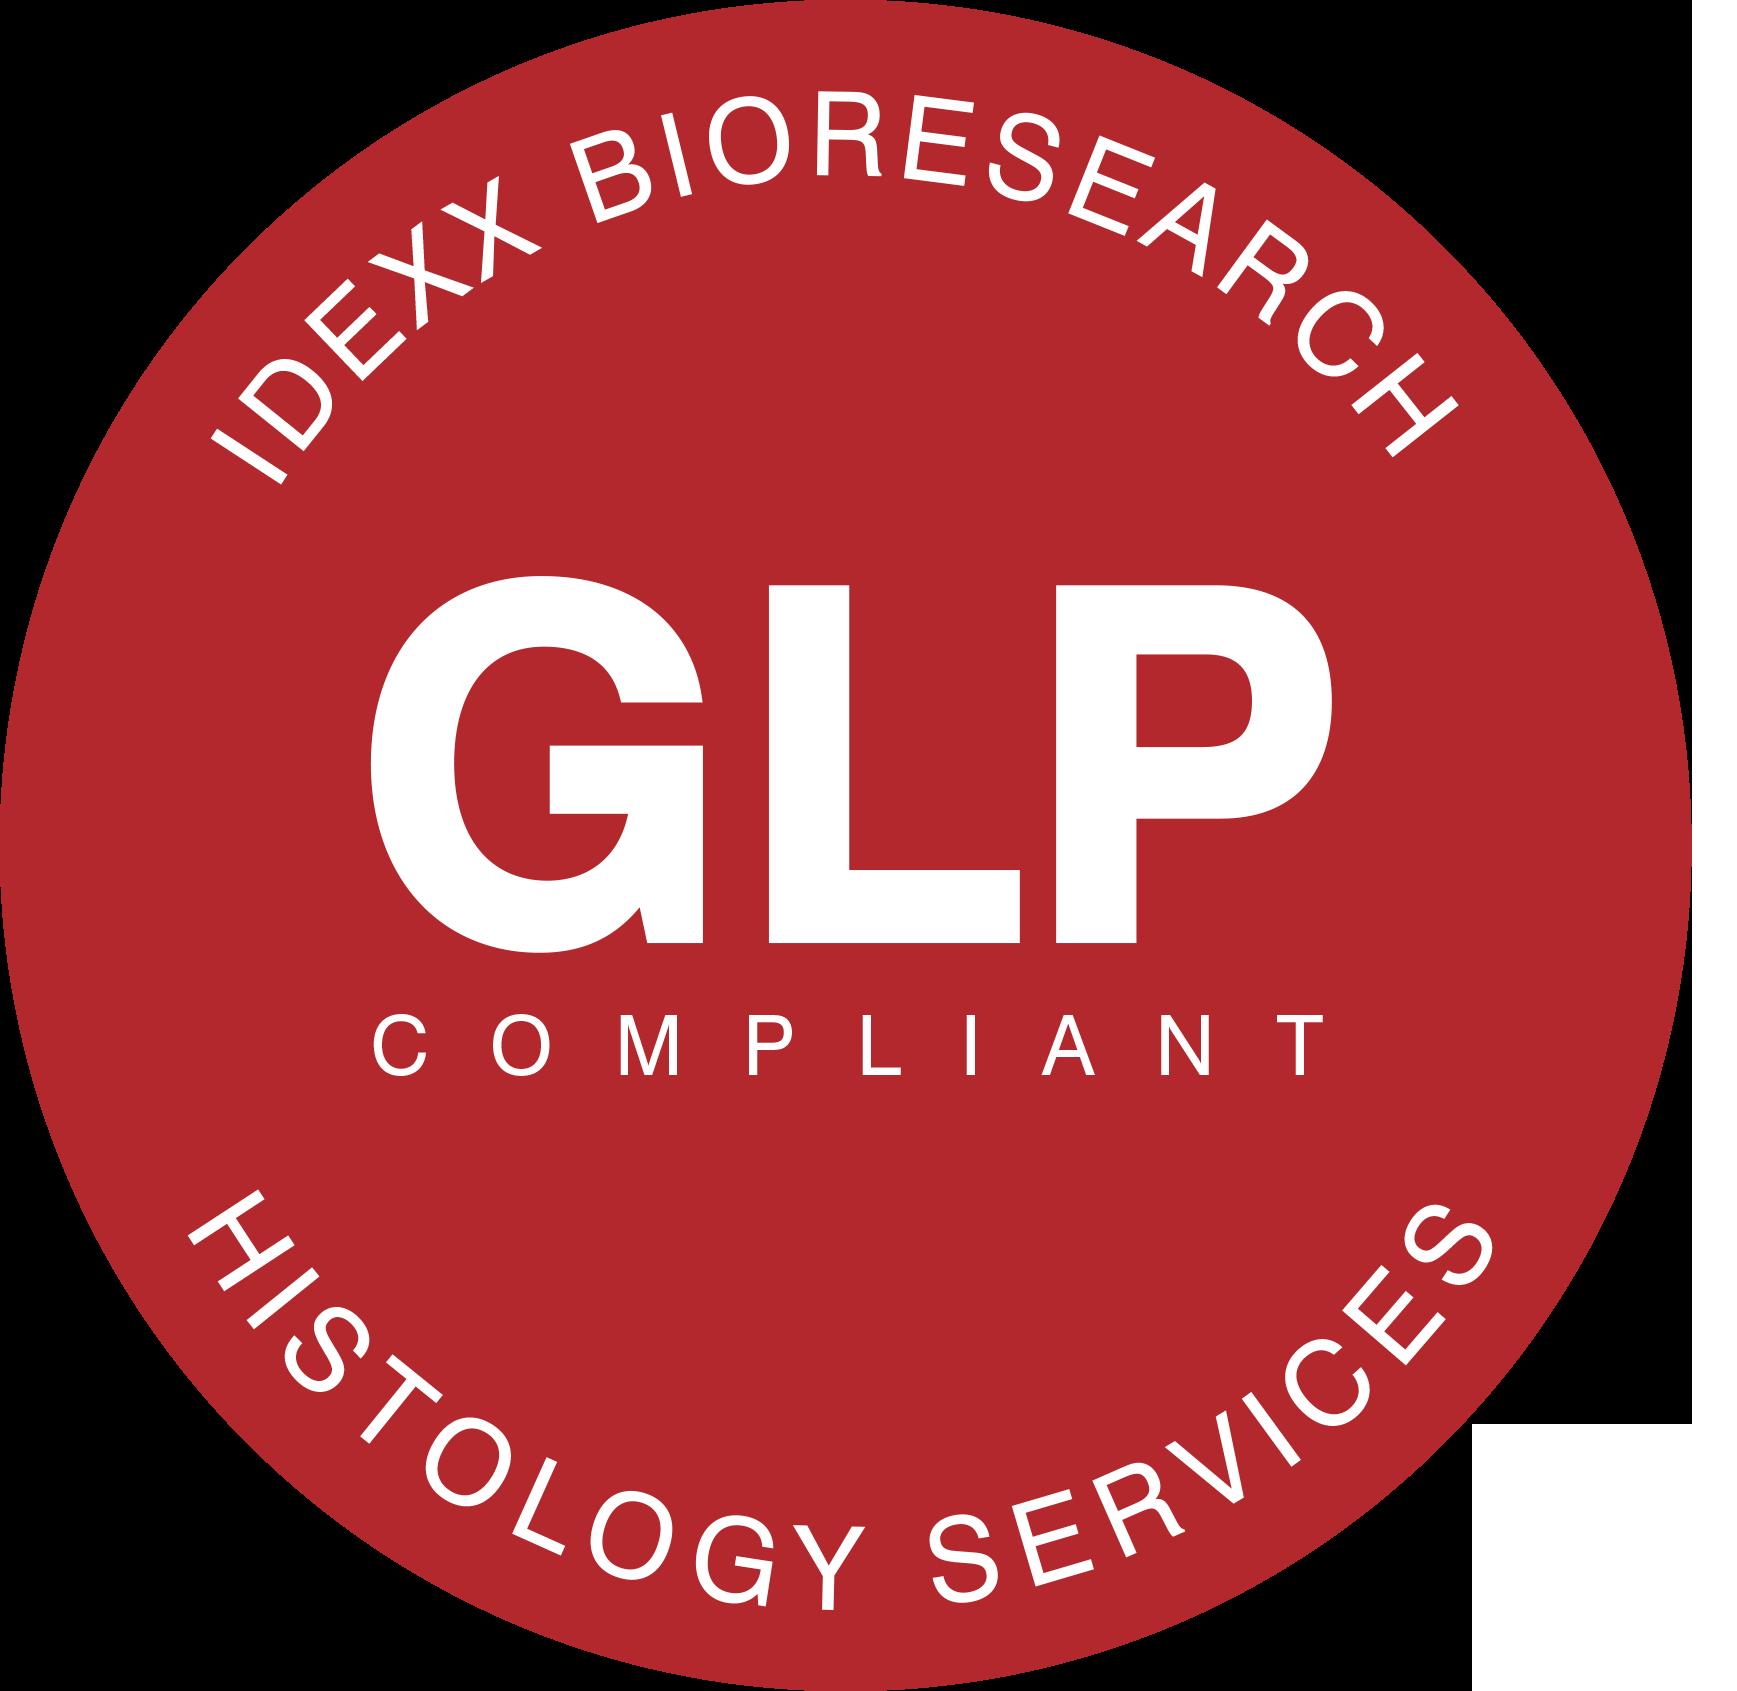 Viral News Website Needs A Playful Logo: IDEXX BioResearch